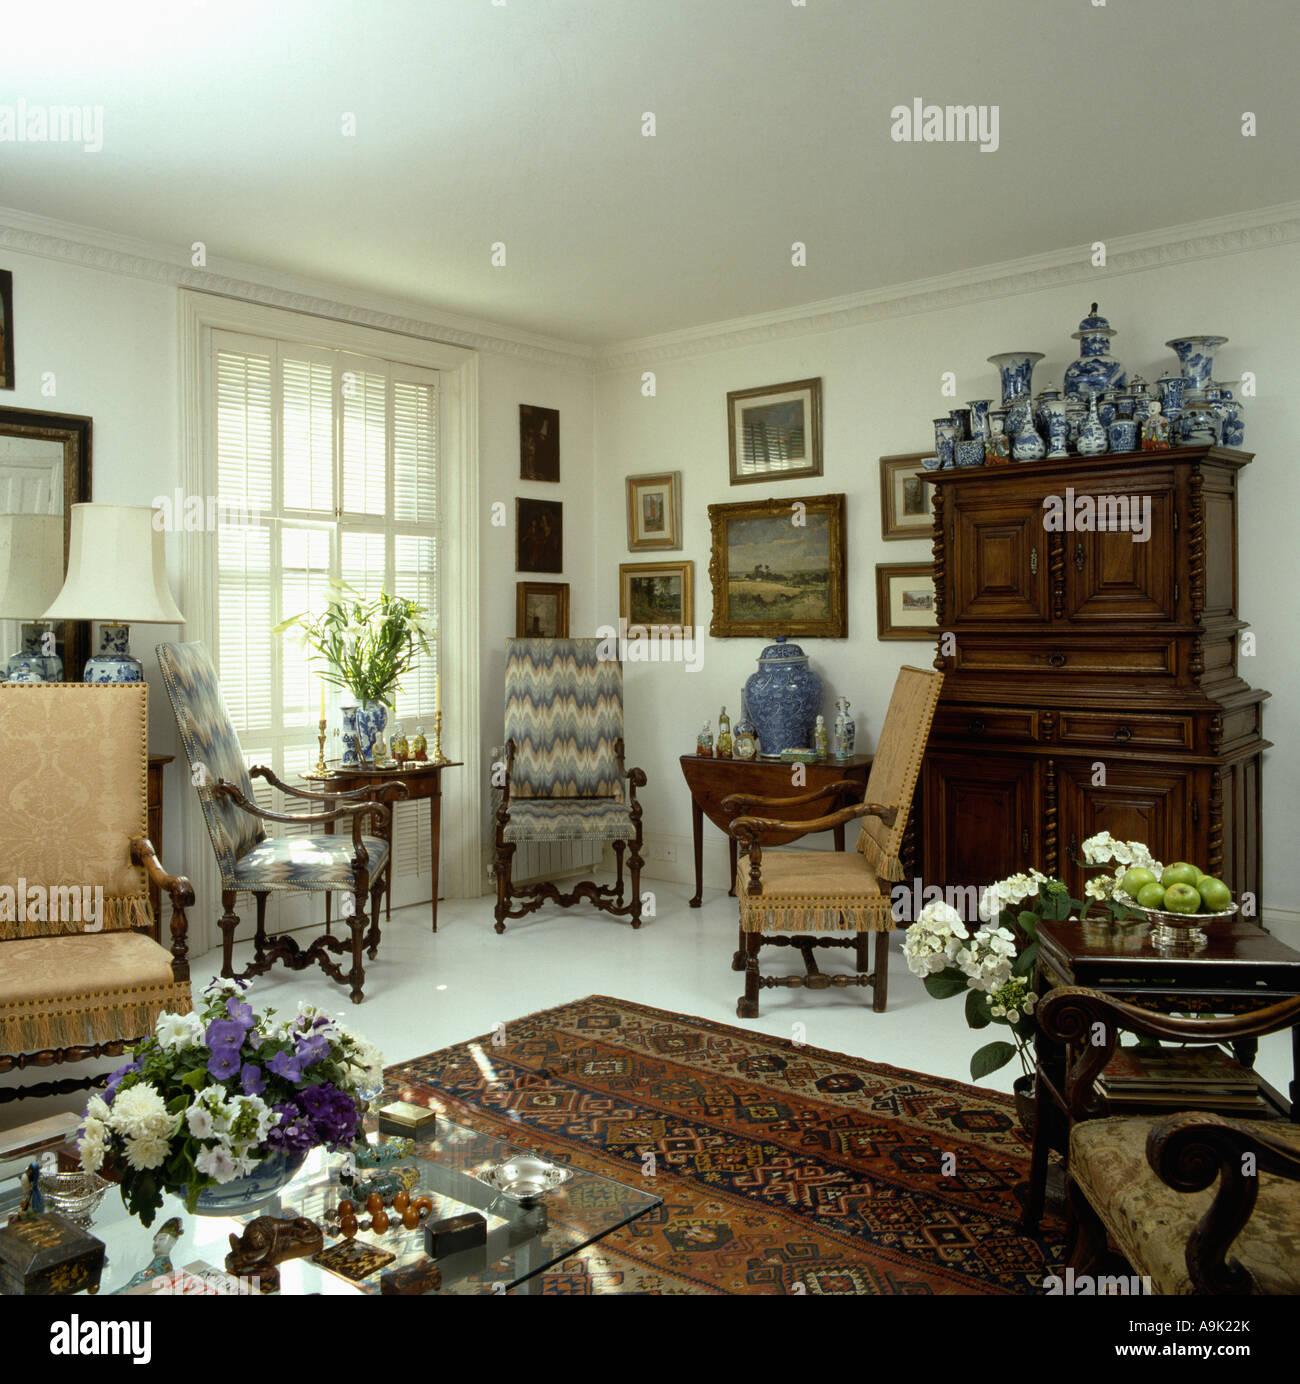 Schrank Im Wohnzimmer: Blaue Und Weiße Chinesische Vasen Auf Antik Eiche Schrank